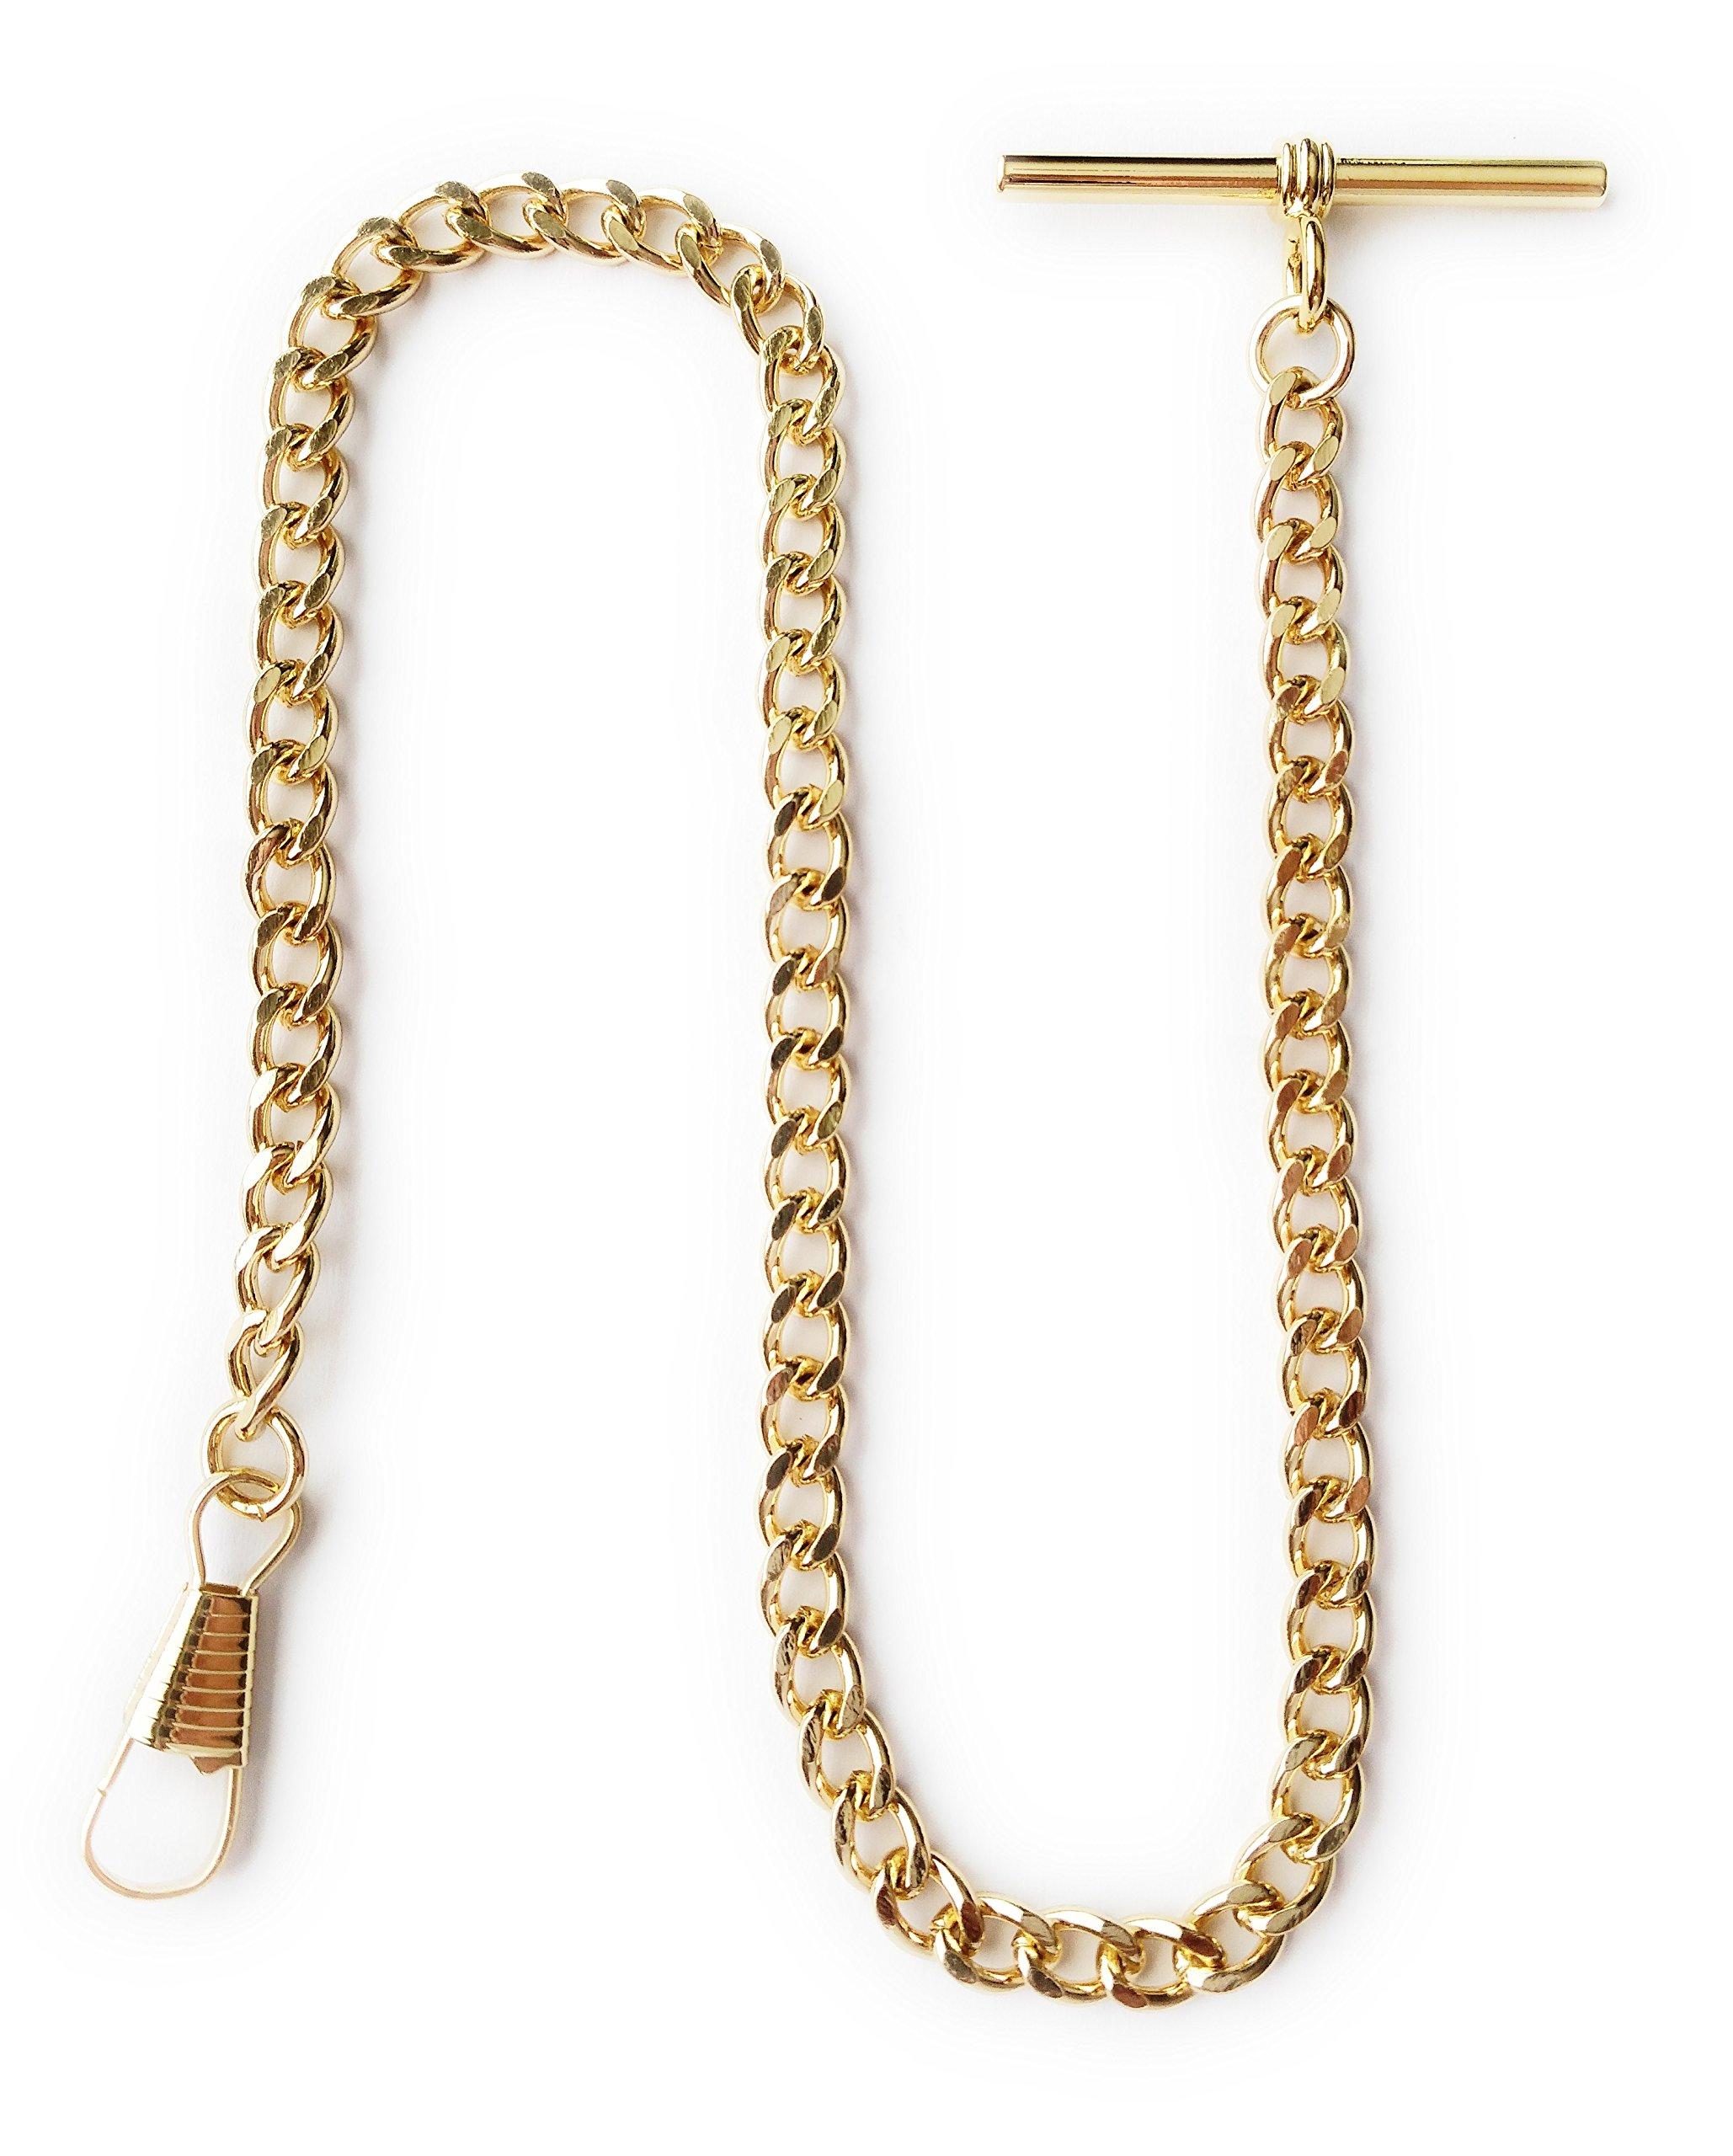 Desperado Gold Albert Vest Pocket Watch Chain with T bar 3910-G